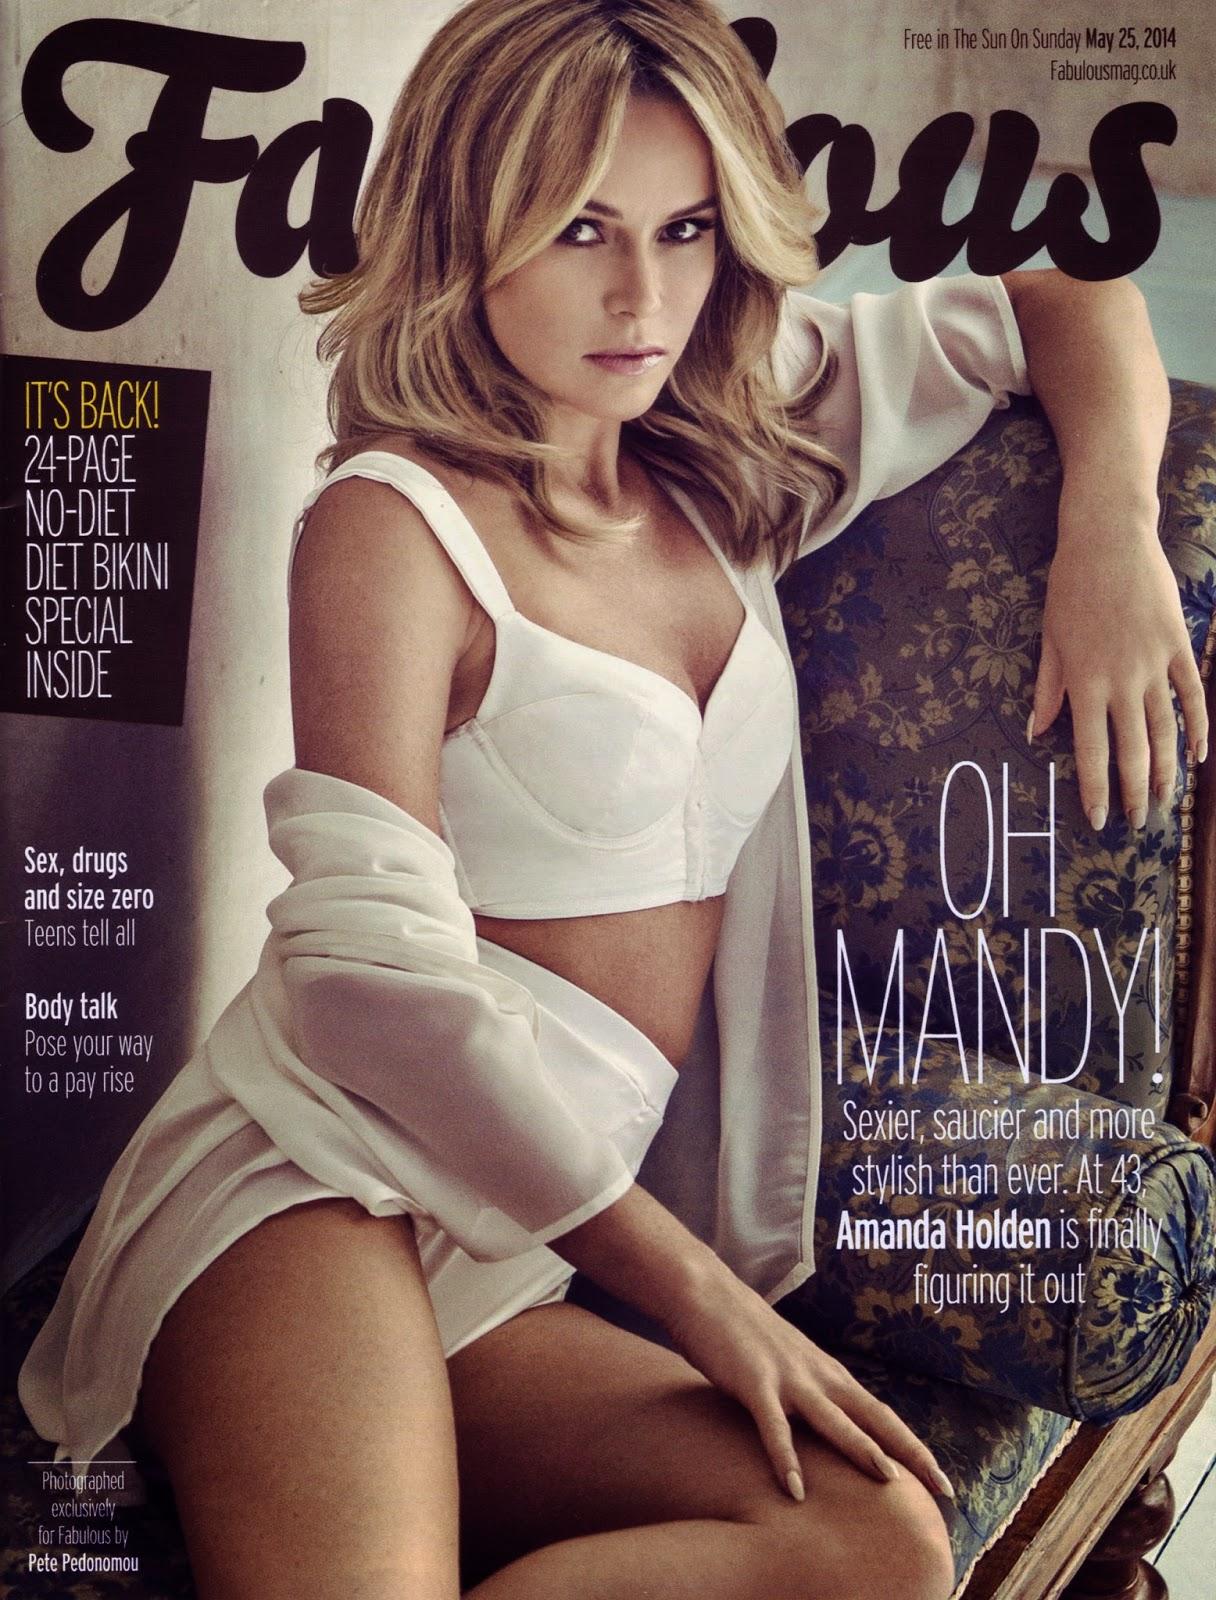 Amanda Holden  - Fabulous Magazine Photoshoot